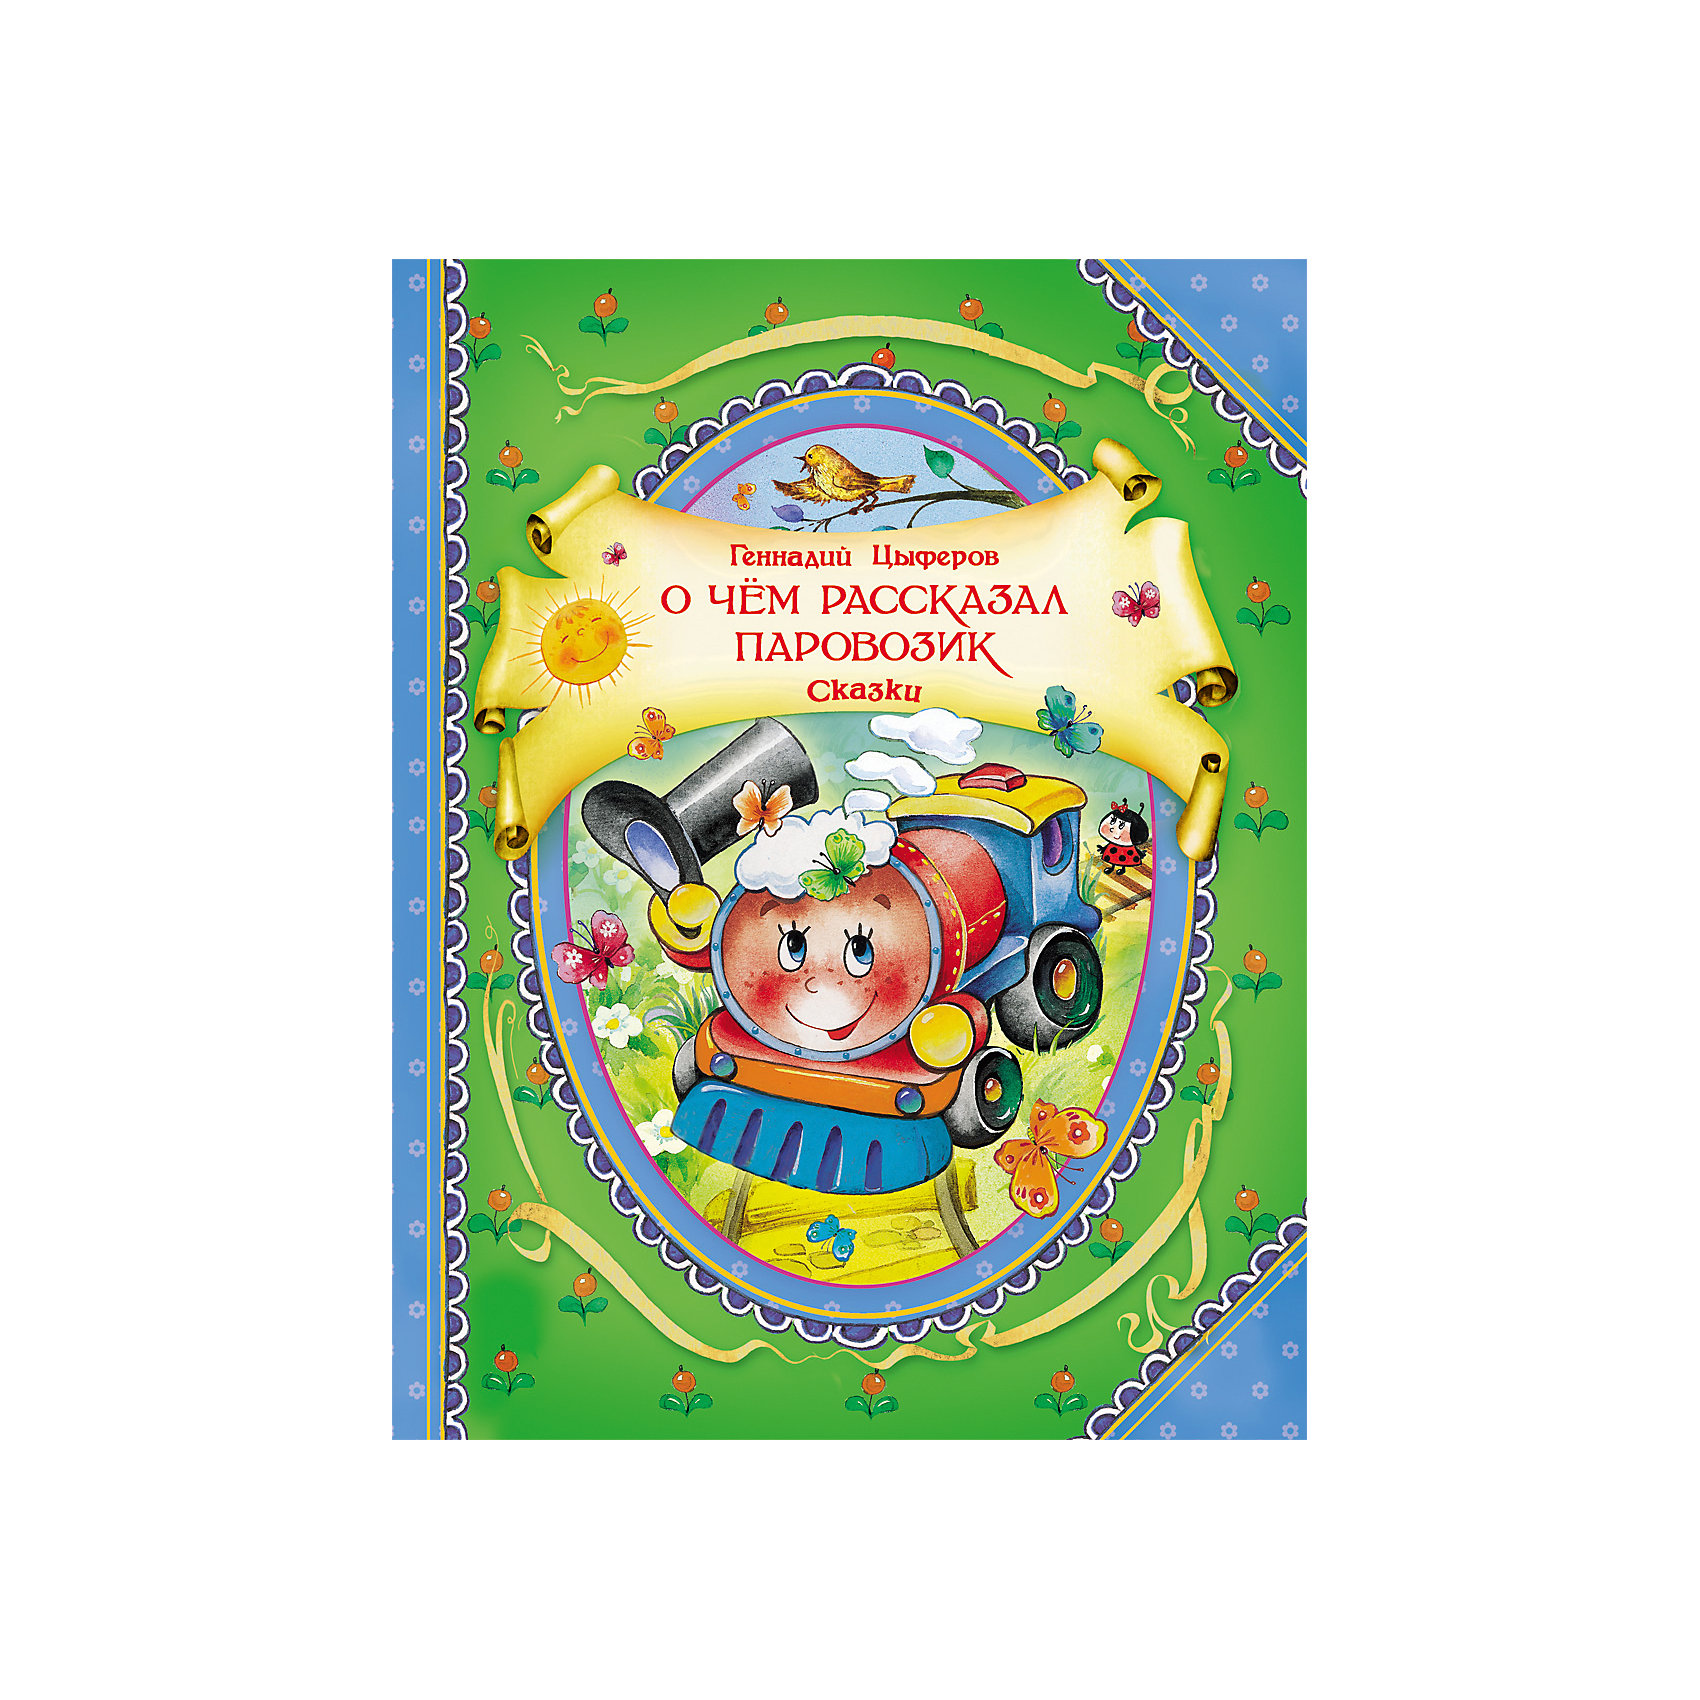 О чем рассказал паровозик, Г. ЦыферовВ сборник вошли сказки: «Жил на свете слонёнок», «Одинокий ослик», «Облачковое молочко», «Пароходик», «Лошарик», «О чем рассказал паровозик» и многие-многие другие. Короткие, понятные и по-настоящему добрые сказки замечательного детского писателя Геннадия Цыферова о поднявшемся в небо китенке, о грустном паровозике, о медвежонке, поросенке, малышах-цыплятах отлично подходят для чтения самым маленьким.<br><br>Ширина мм: 263<br>Глубина мм: 201<br>Высота мм: 10<br>Вес г: 508<br>Возраст от месяцев: 36<br>Возраст до месяцев: 84<br>Пол: Унисекс<br>Возраст: Детский<br>SKU: 4782434